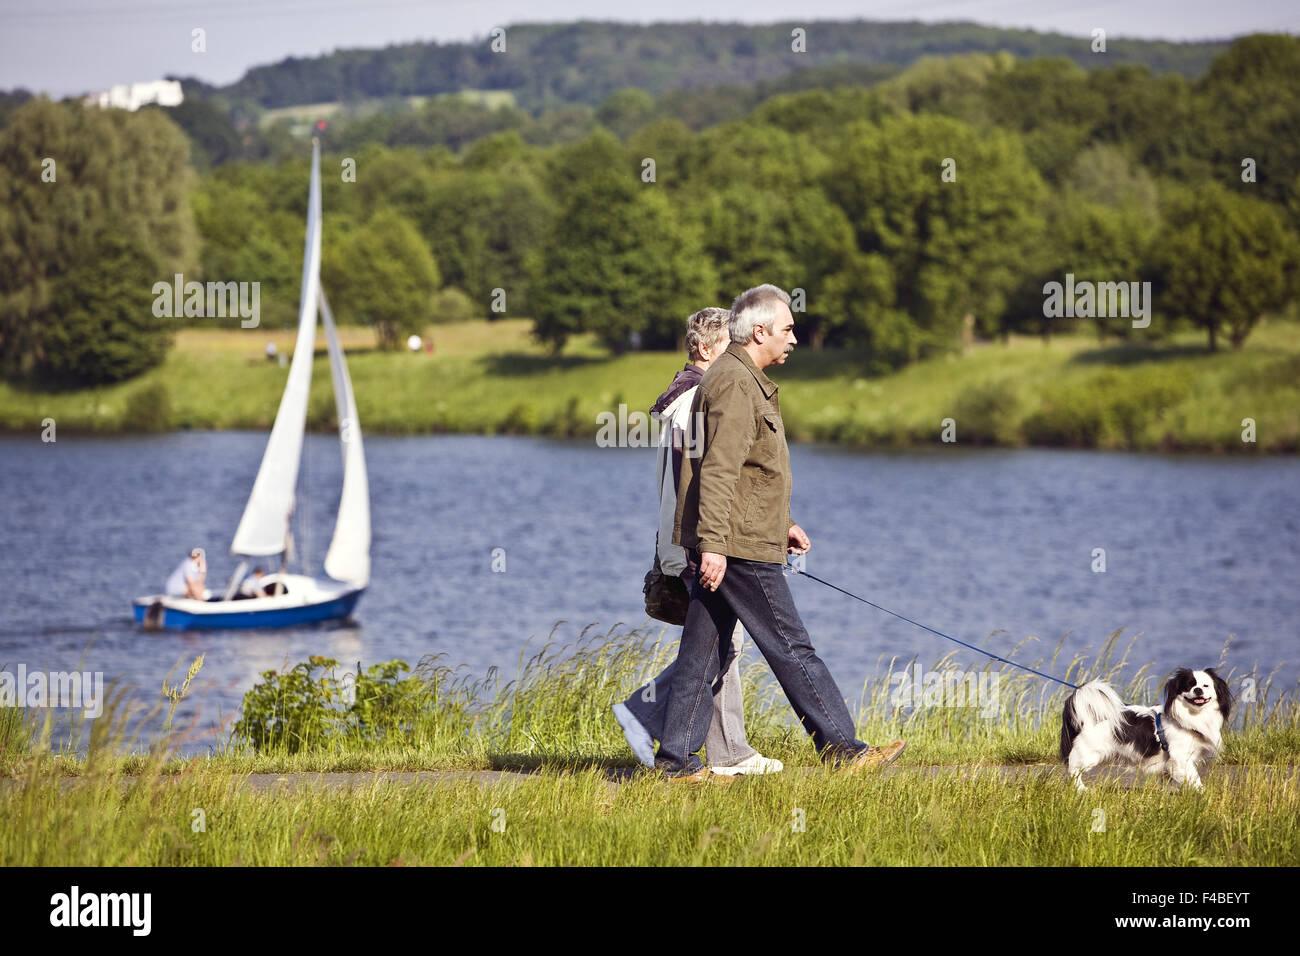 Walkers and sailboat, Lake Kemnade, Germany. - Stock Image